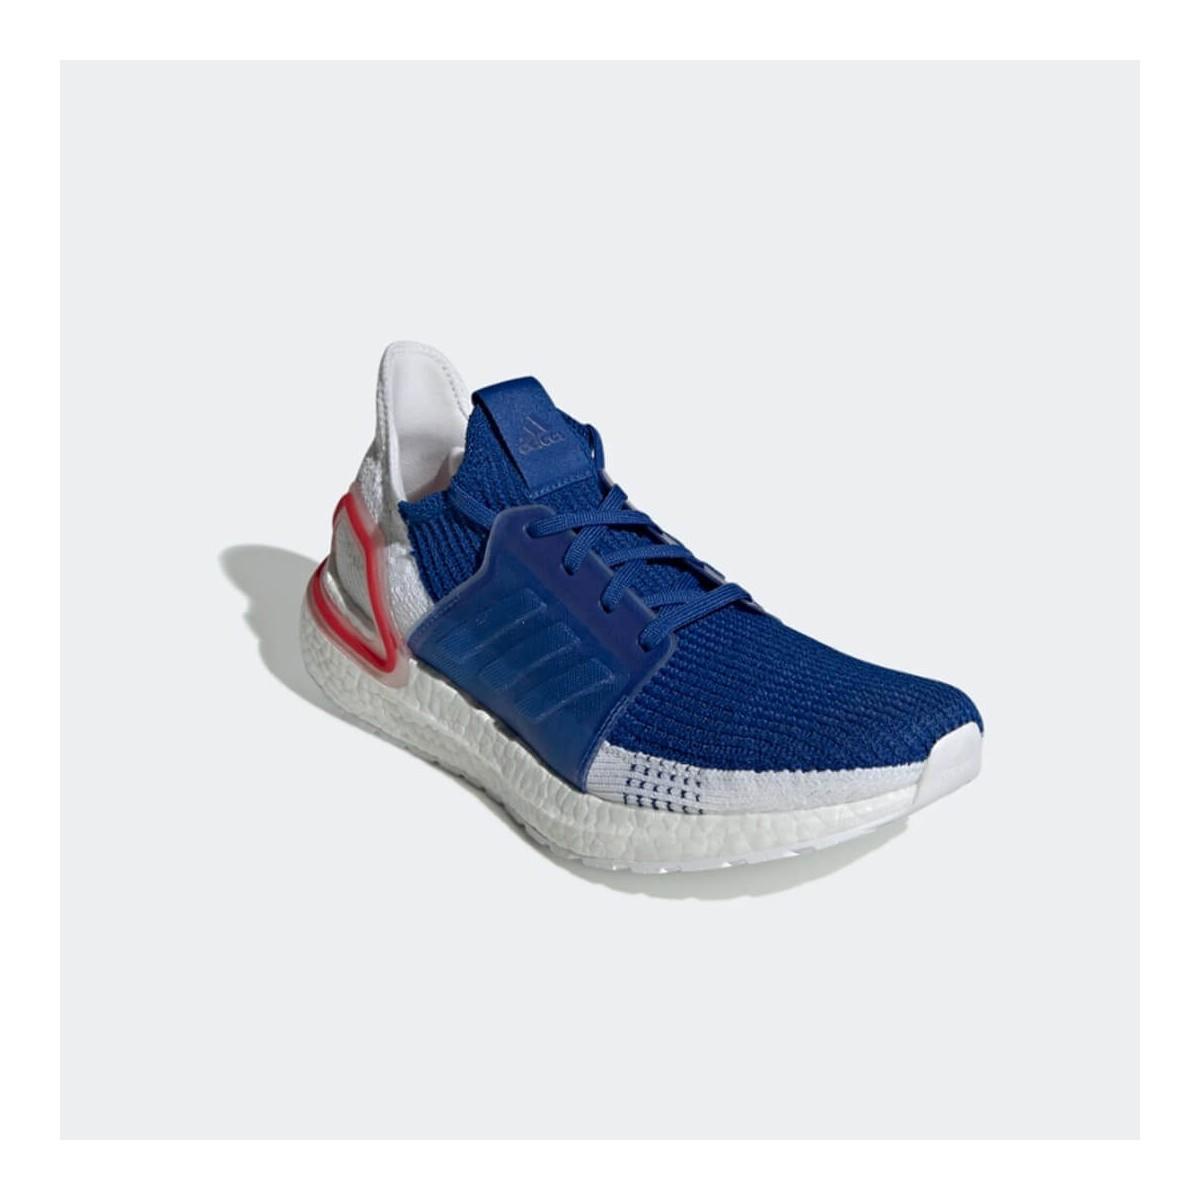 adidas boost azul hombre running